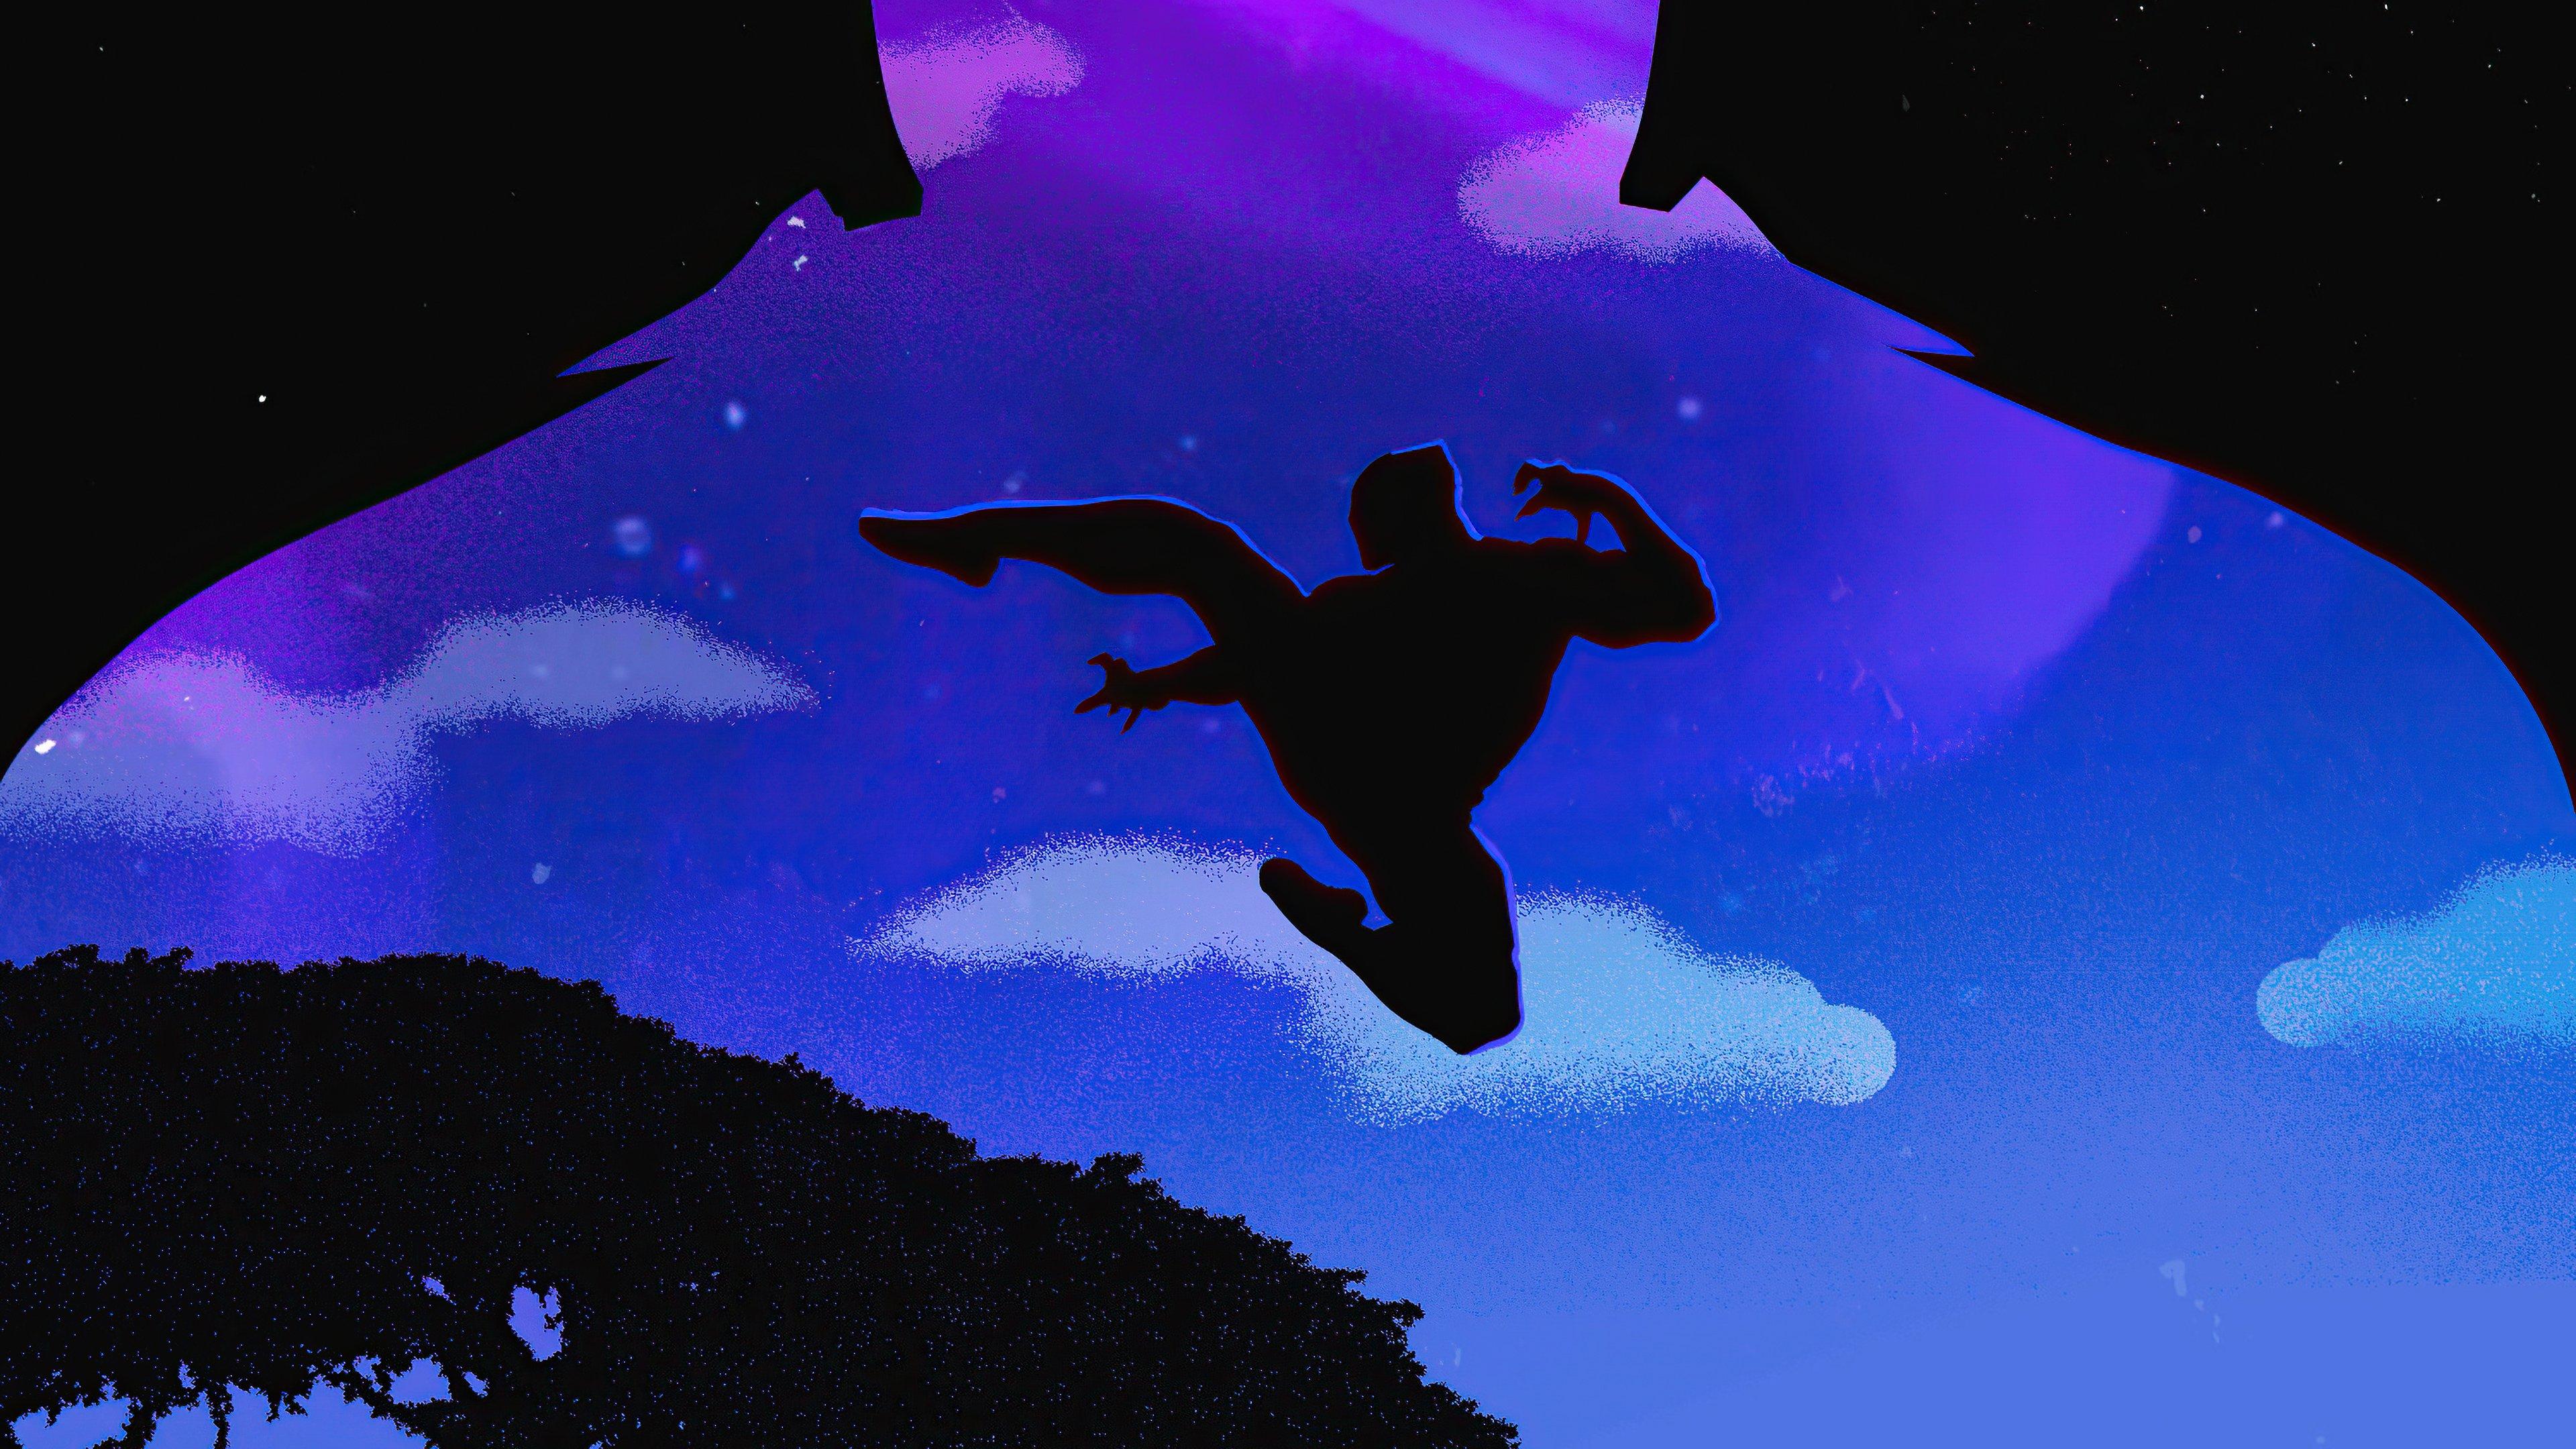 Fondos de pantalla Pantera negra saltando